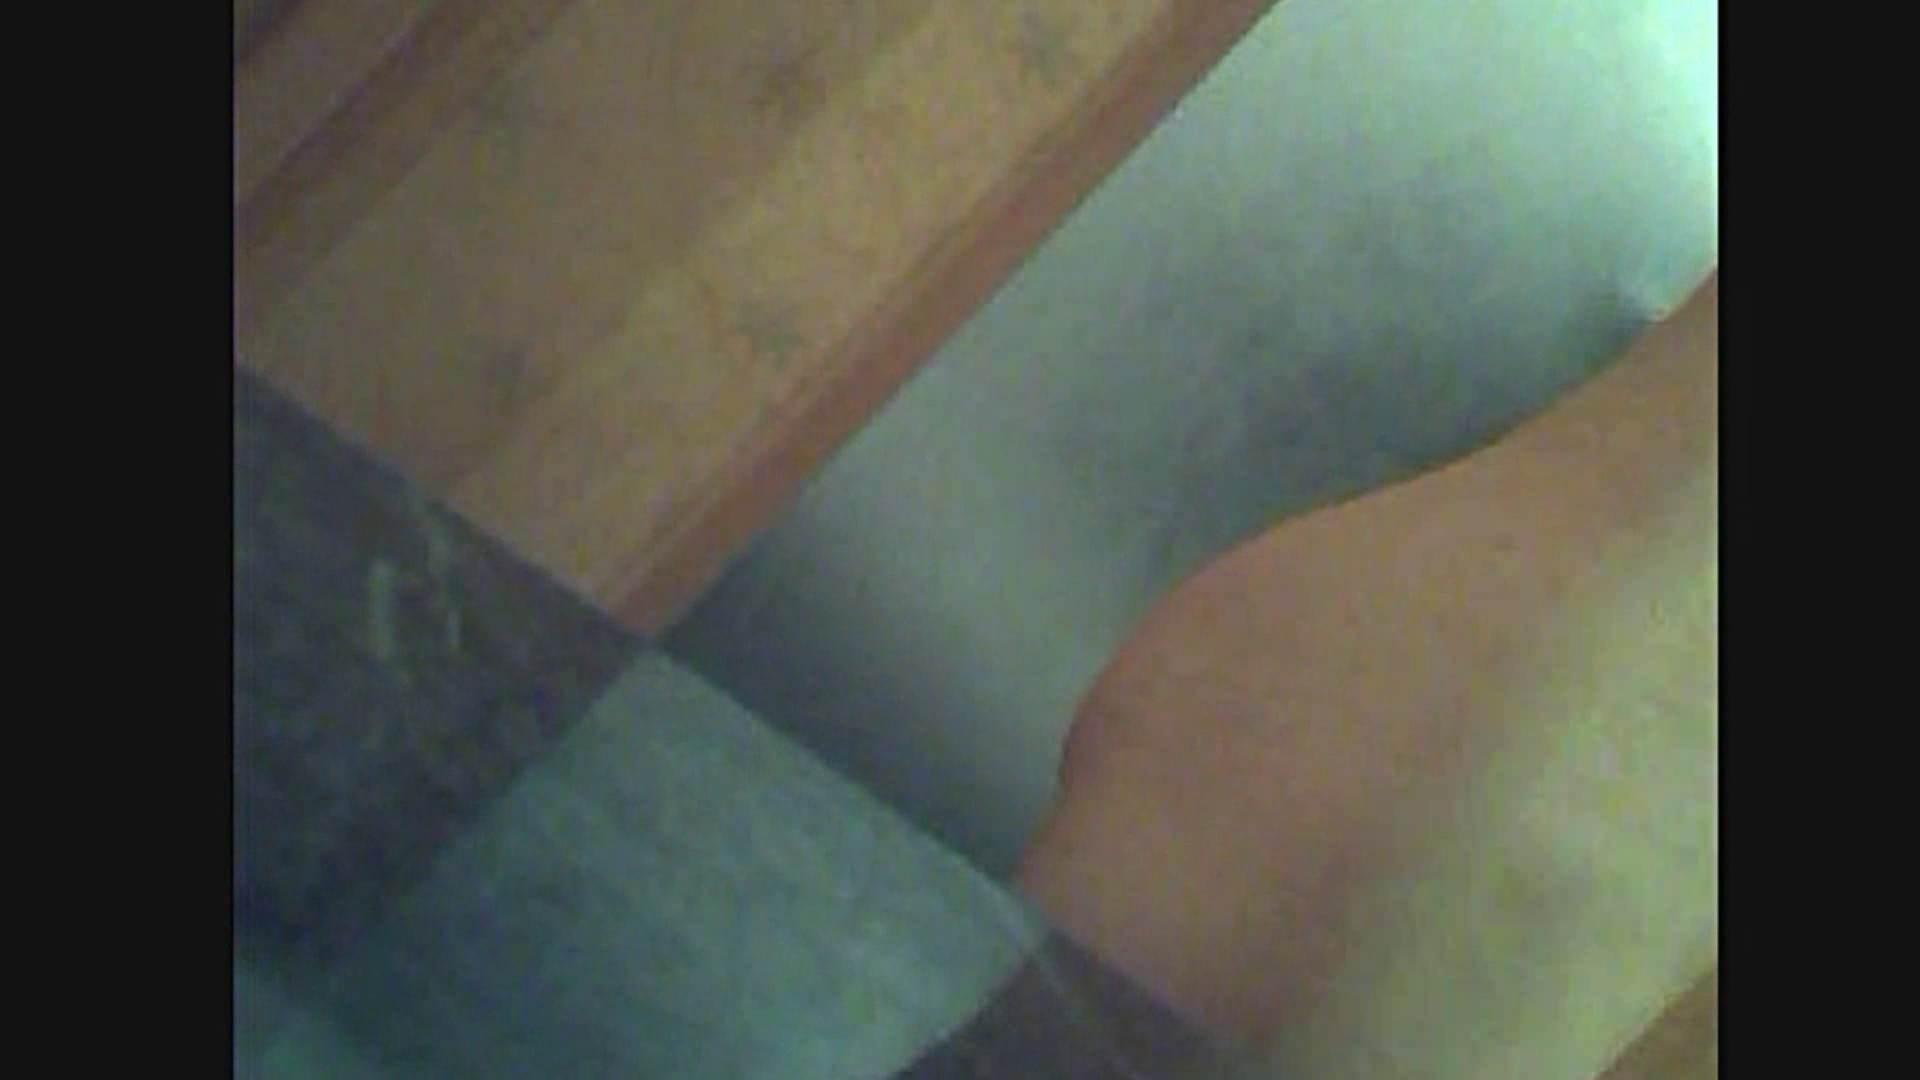 色白!!薬学科 ひろみちゃん  Vol.29 脱衣編 OL女体 オマンコ無修正動画無料 66連発 34